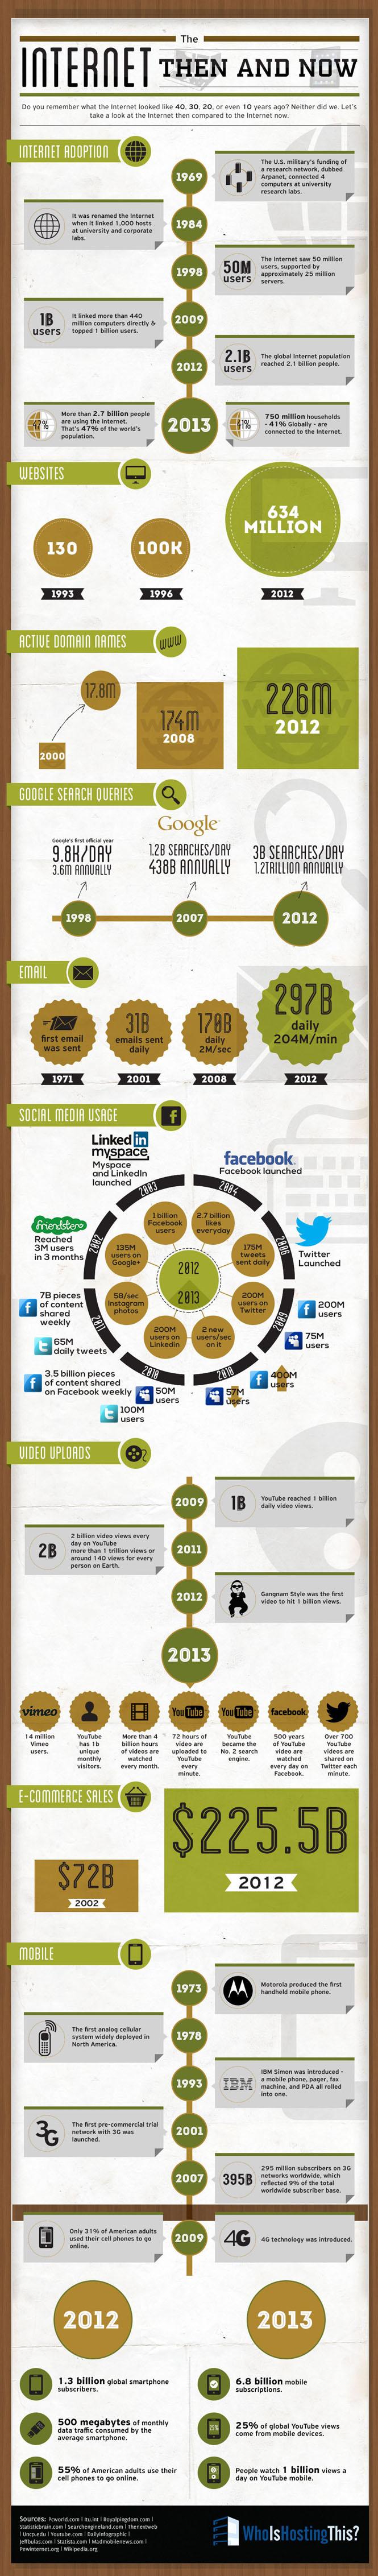 SocialTimes.Hu - Az internet régen és ma - infografika